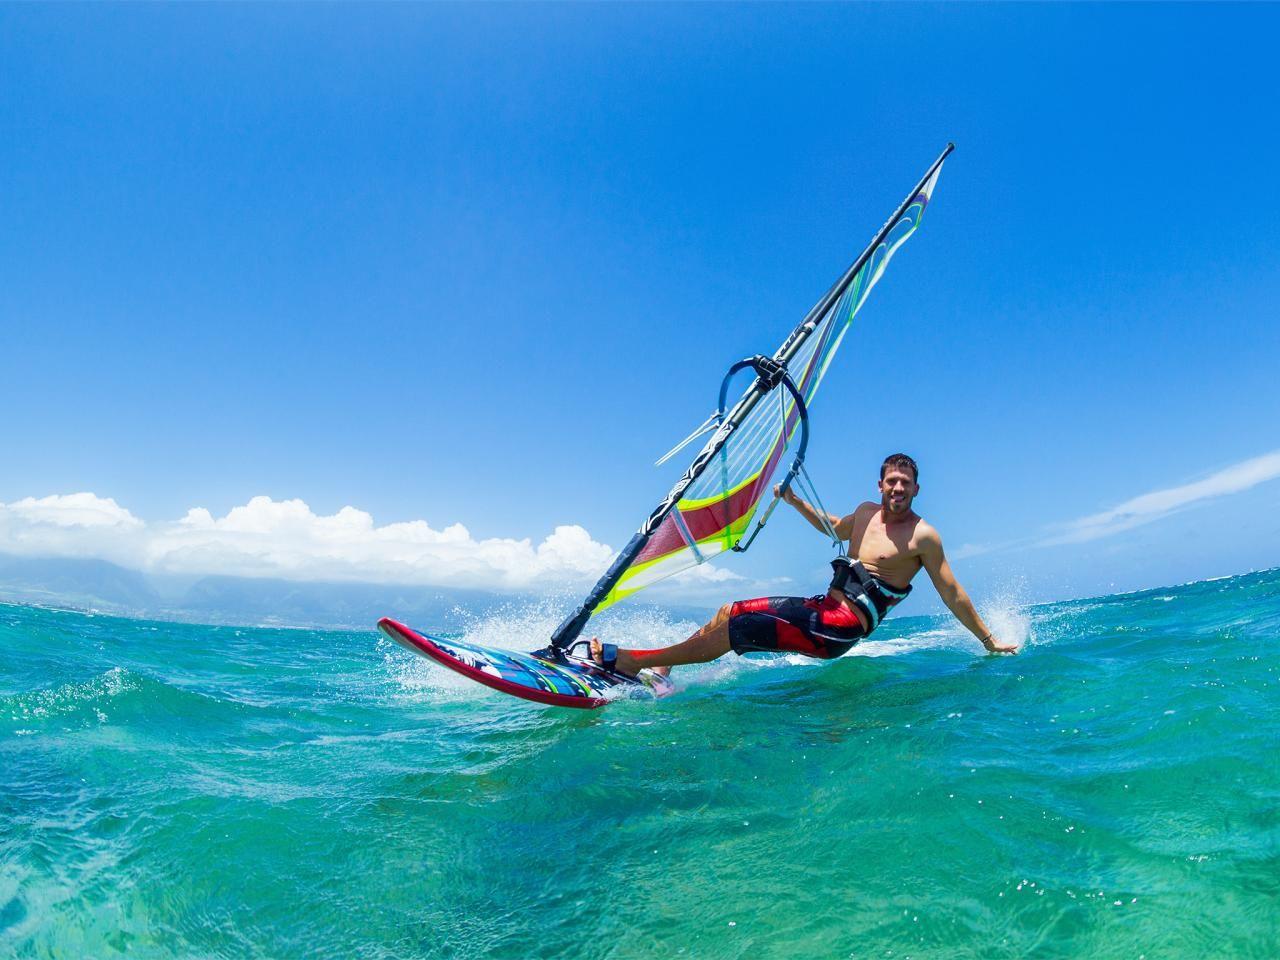 Windsurfing Escape The Cold For Sunny Miami Travelchannel Com Windsurfing Surfing Wind Surfing Photography